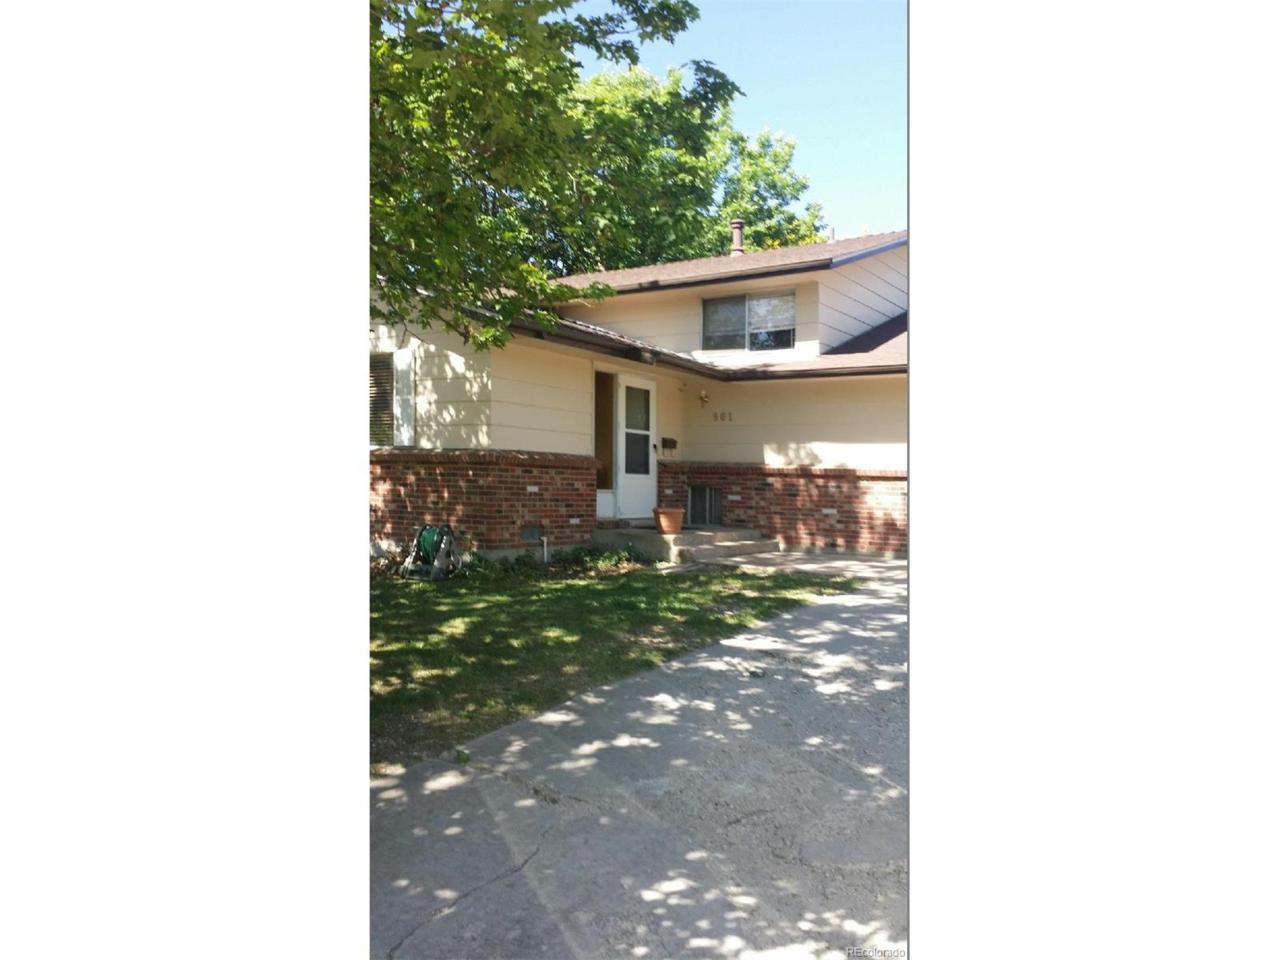 801 S Arbutus Street, Lakewood, CO 80228 (MLS #5708656) :: 8z Real Estate